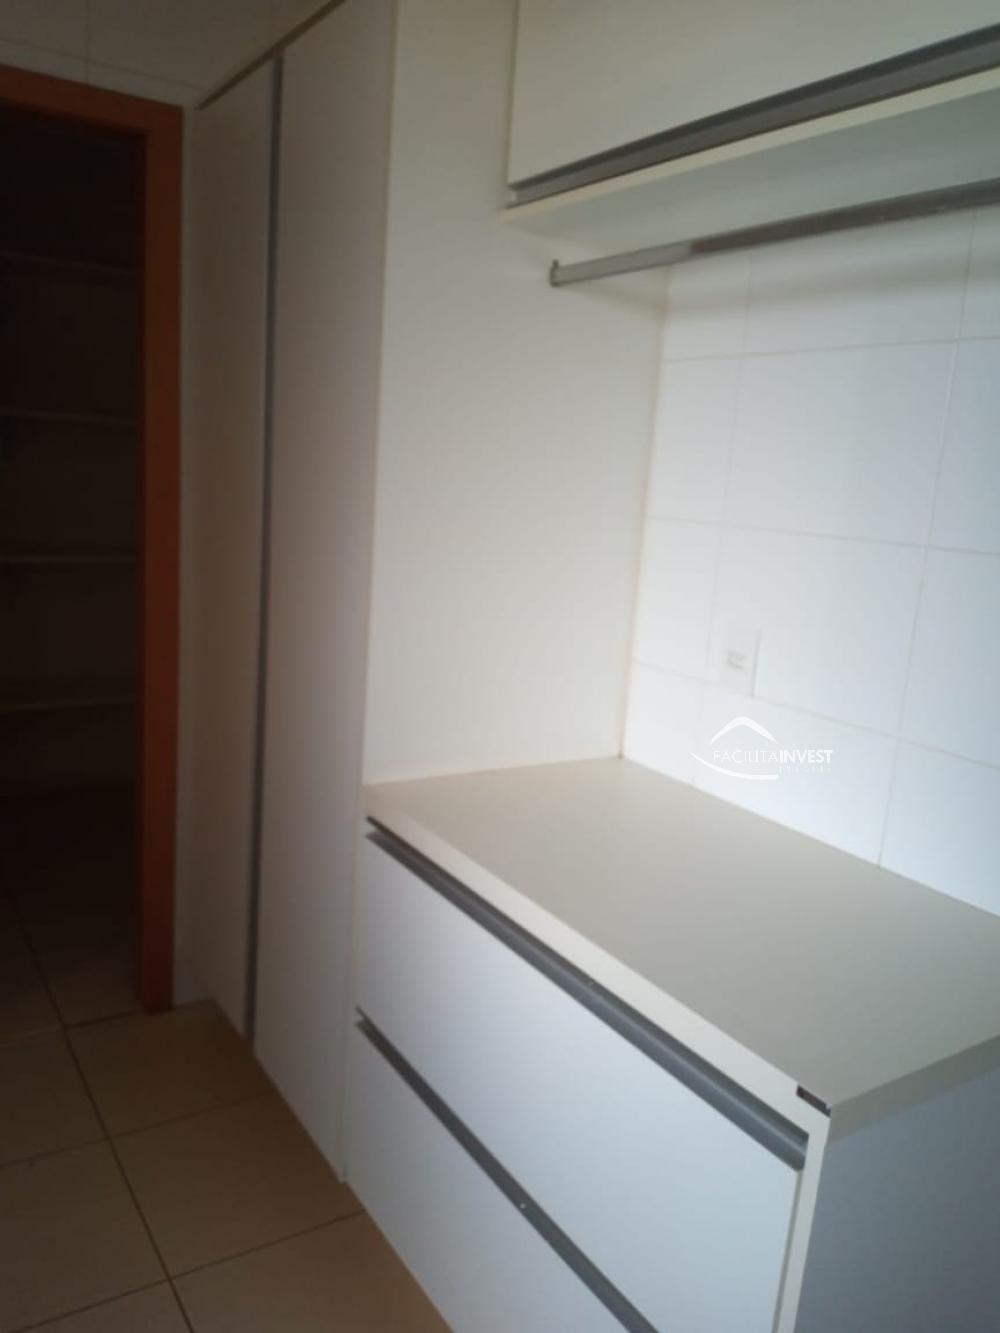 Alugar Apartamentos / Apart. Padrão em Ribeirão Preto apenas R$ 3.800,00 - Foto 10